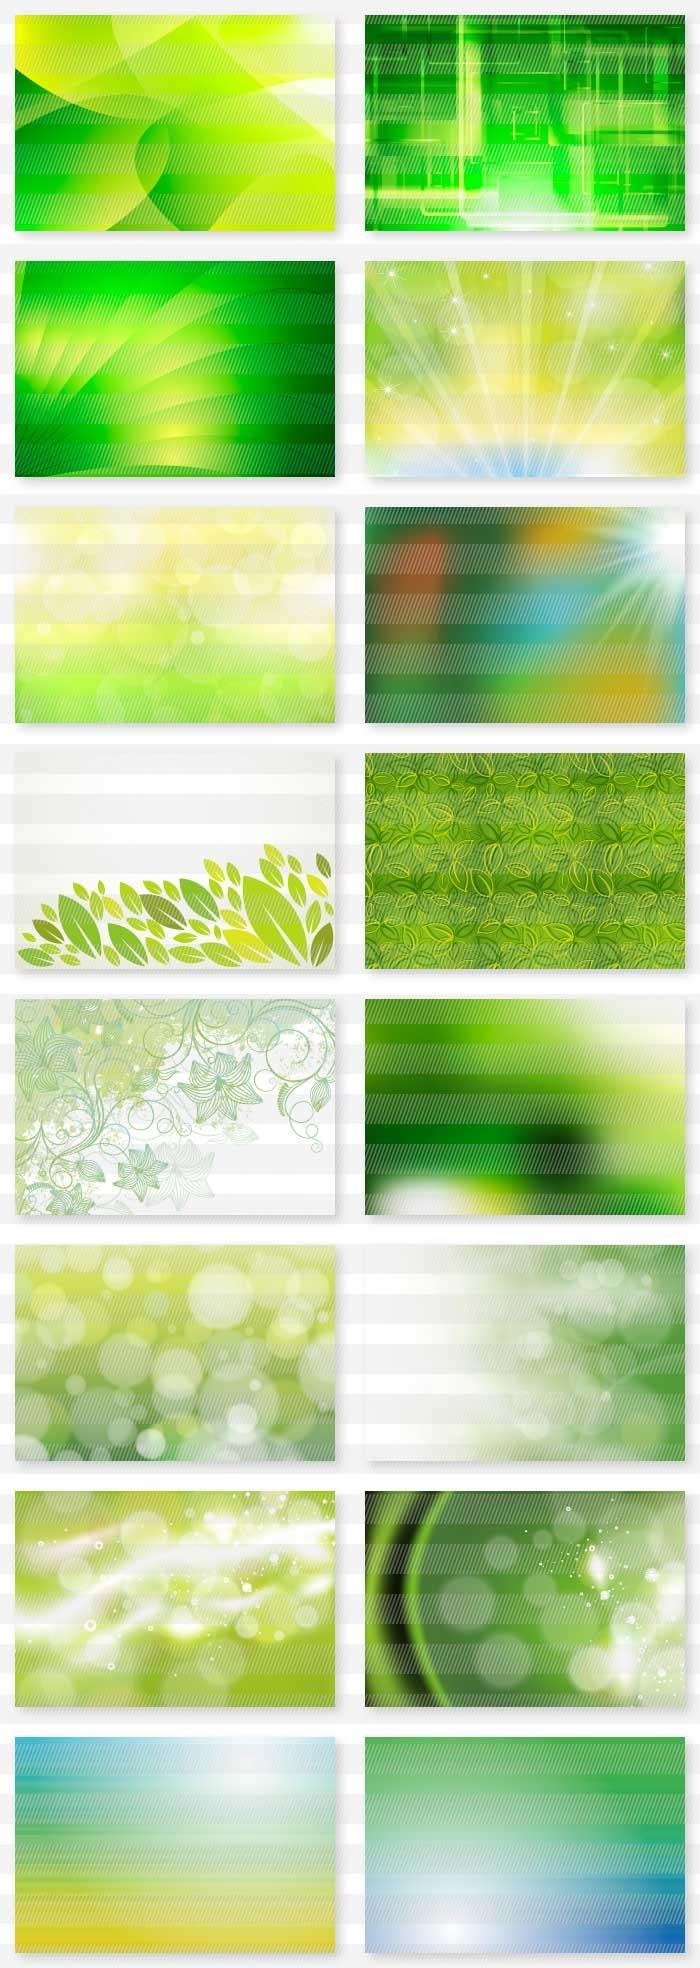 緑色・若草色系の背景素材集| illustratorの背景素材集